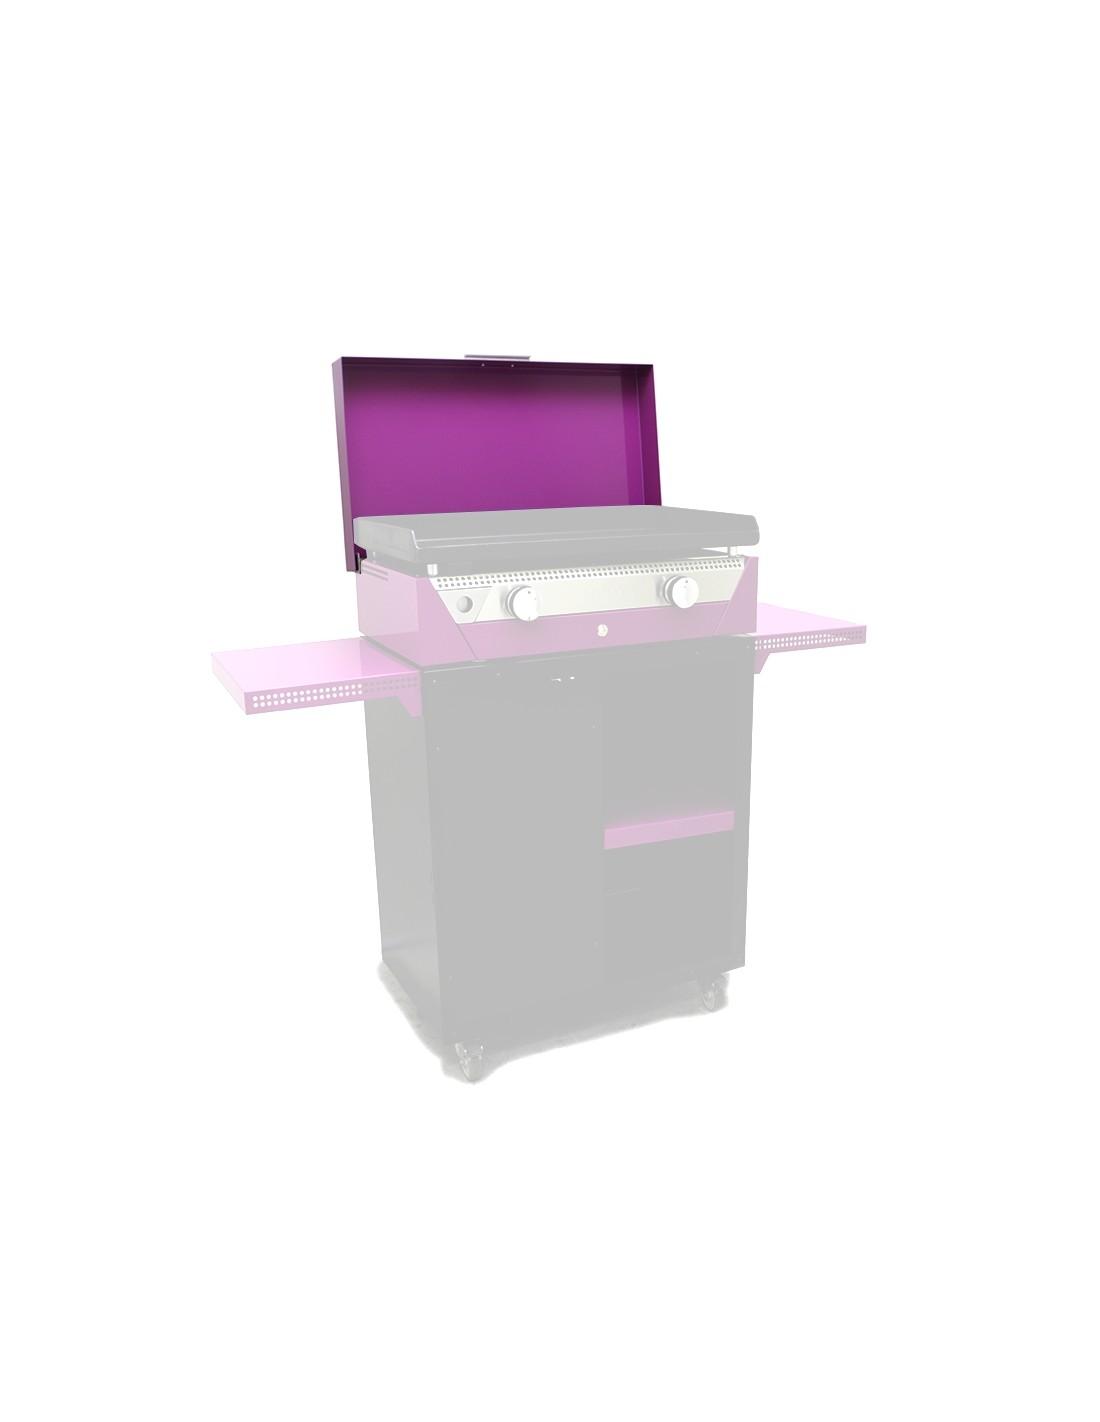 couvercle rainbow violette plancha simogas